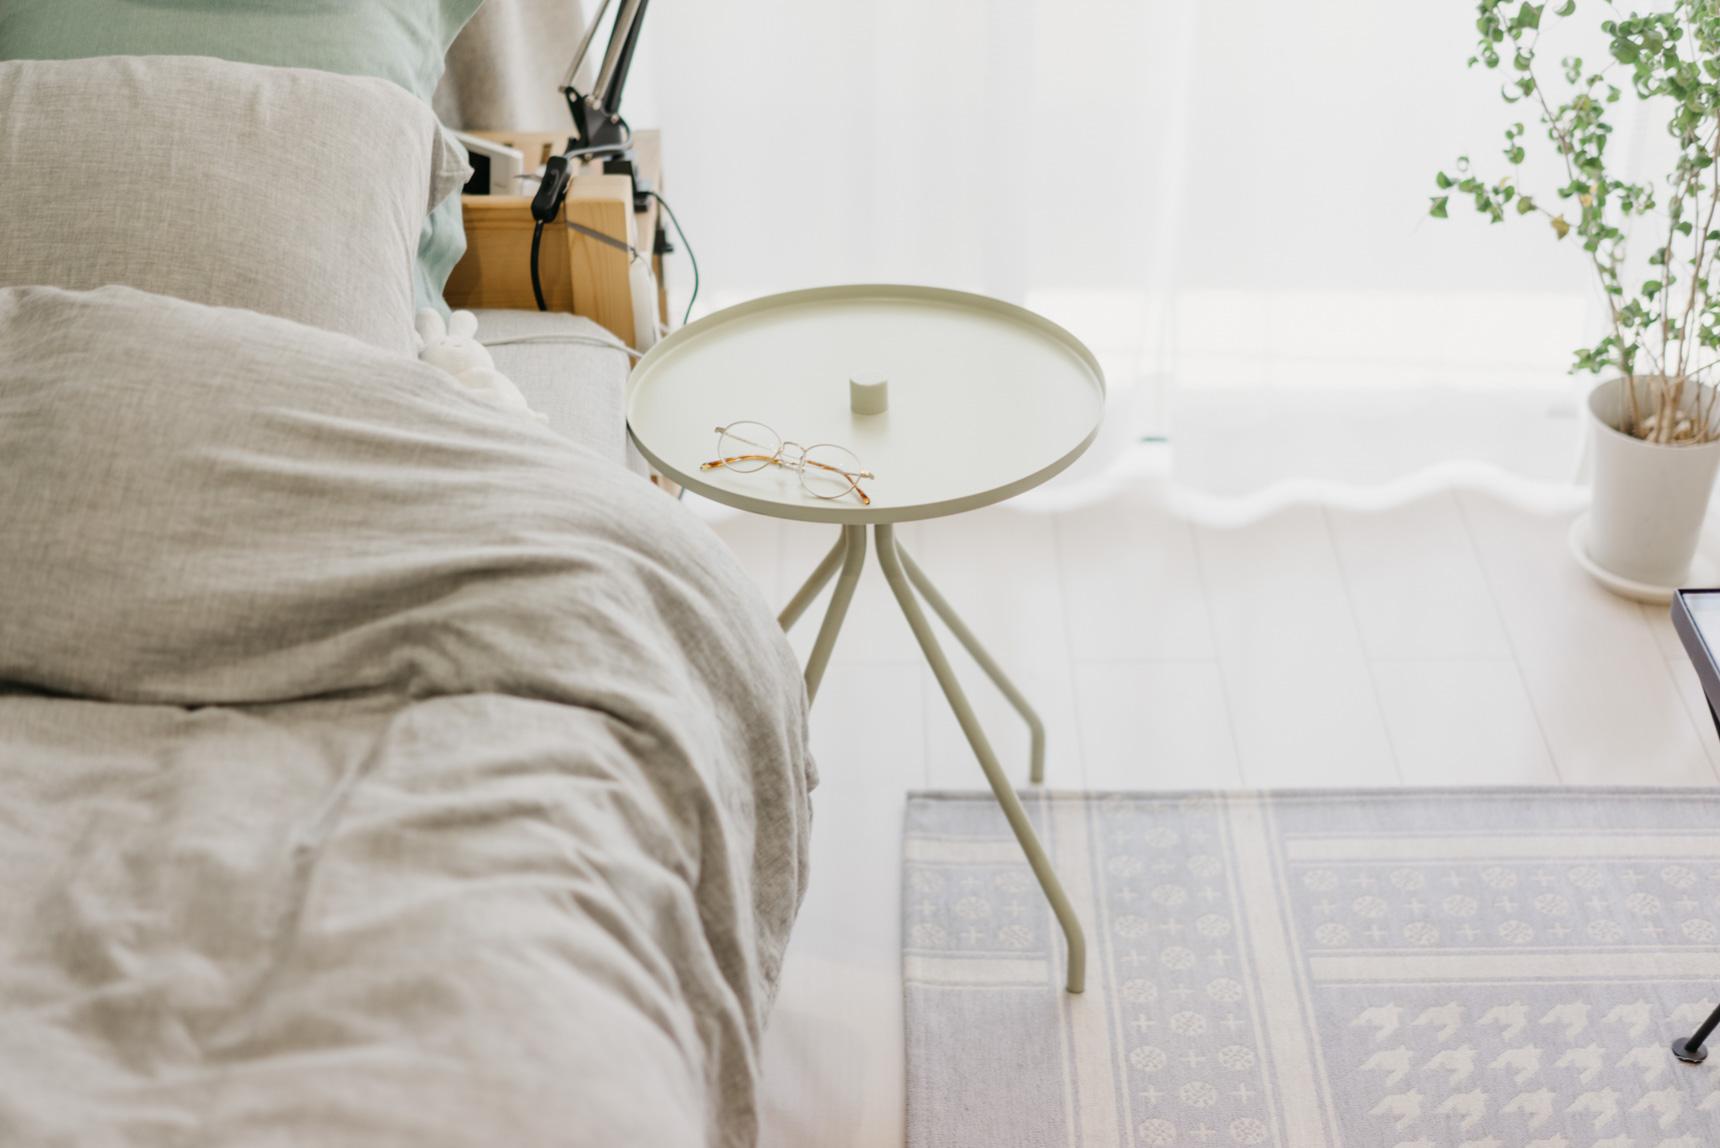 スマホや本、メガネの「ちょっと置き」に。ソストレーネグレーネのサイドテーブル